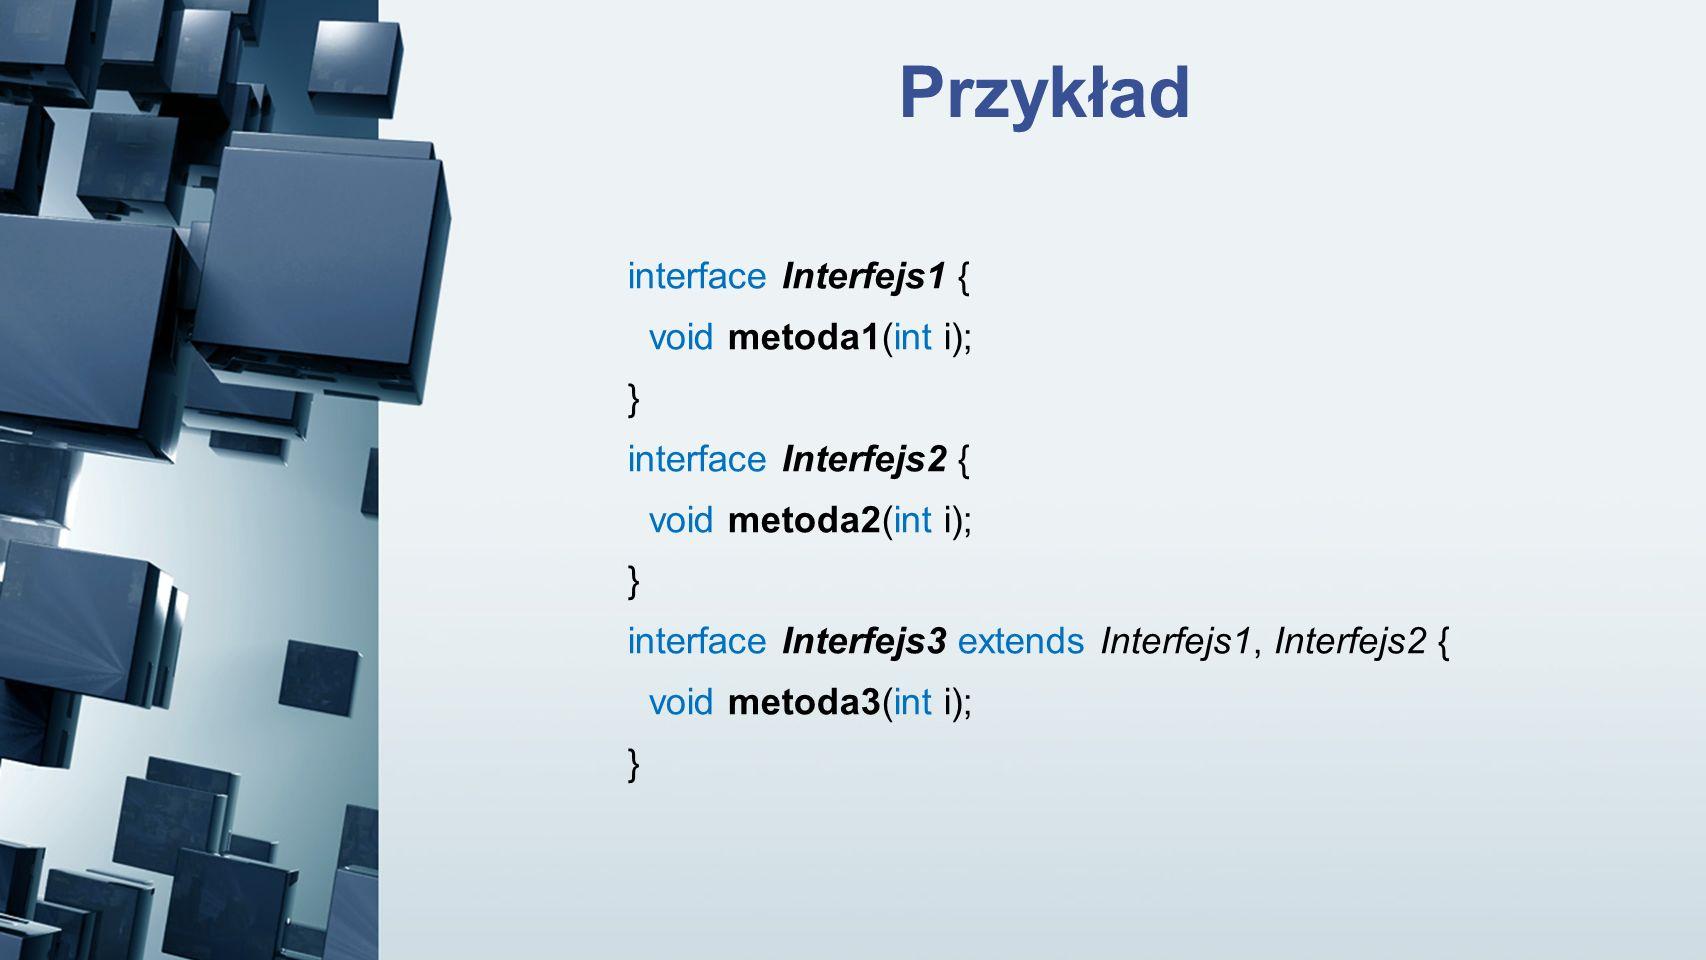 Przykład interface Interfejs1 { void metoda1(int i); } interface Interfejs2 { void metoda2(int i); } interface Interfejs3 extends Interfejs1, Interfej